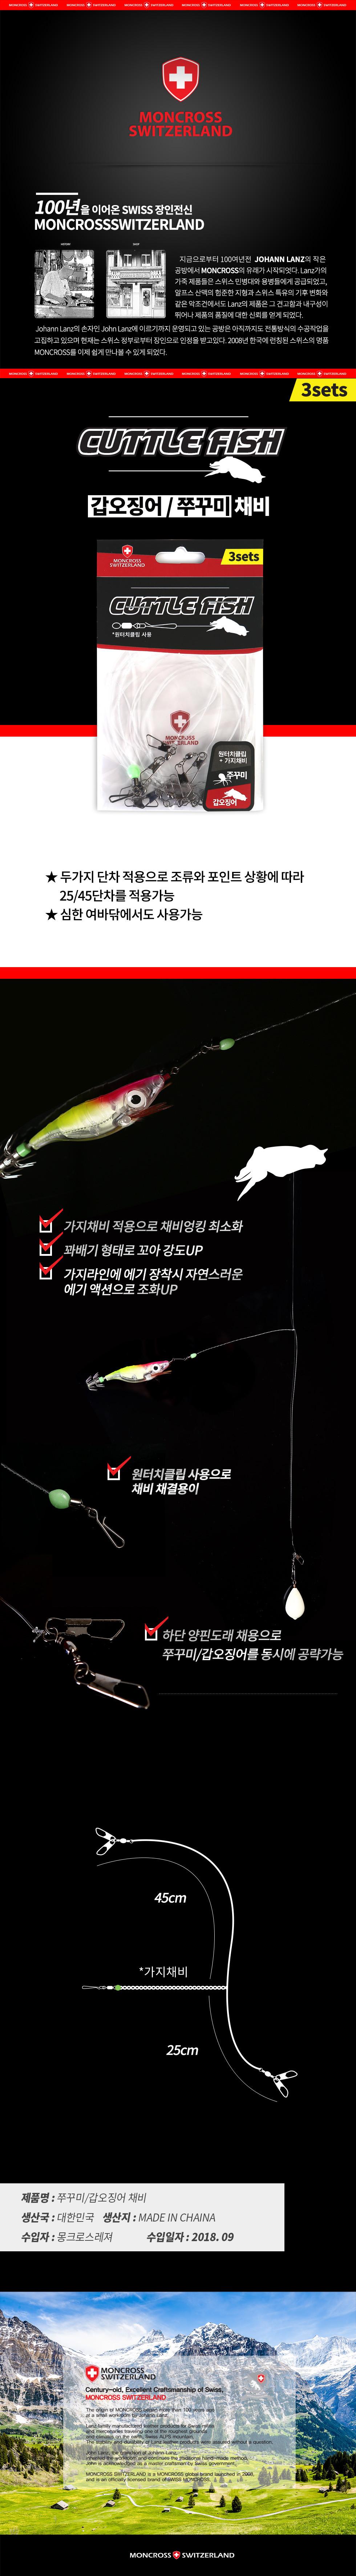 갑오징어채비.jpg